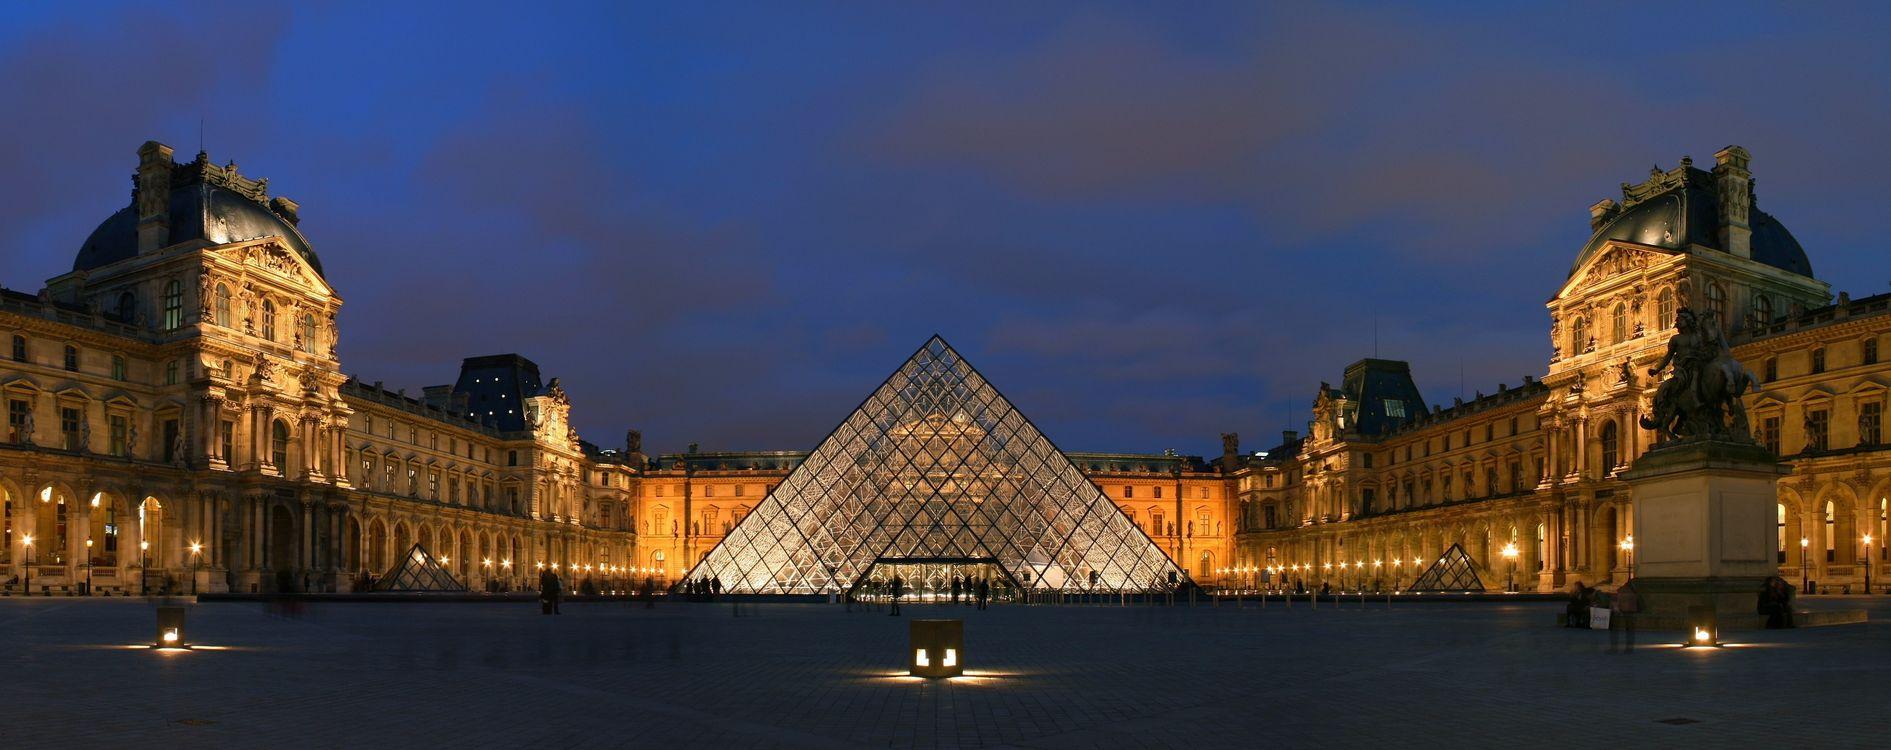 Лувр в Париже · бесплатное фото